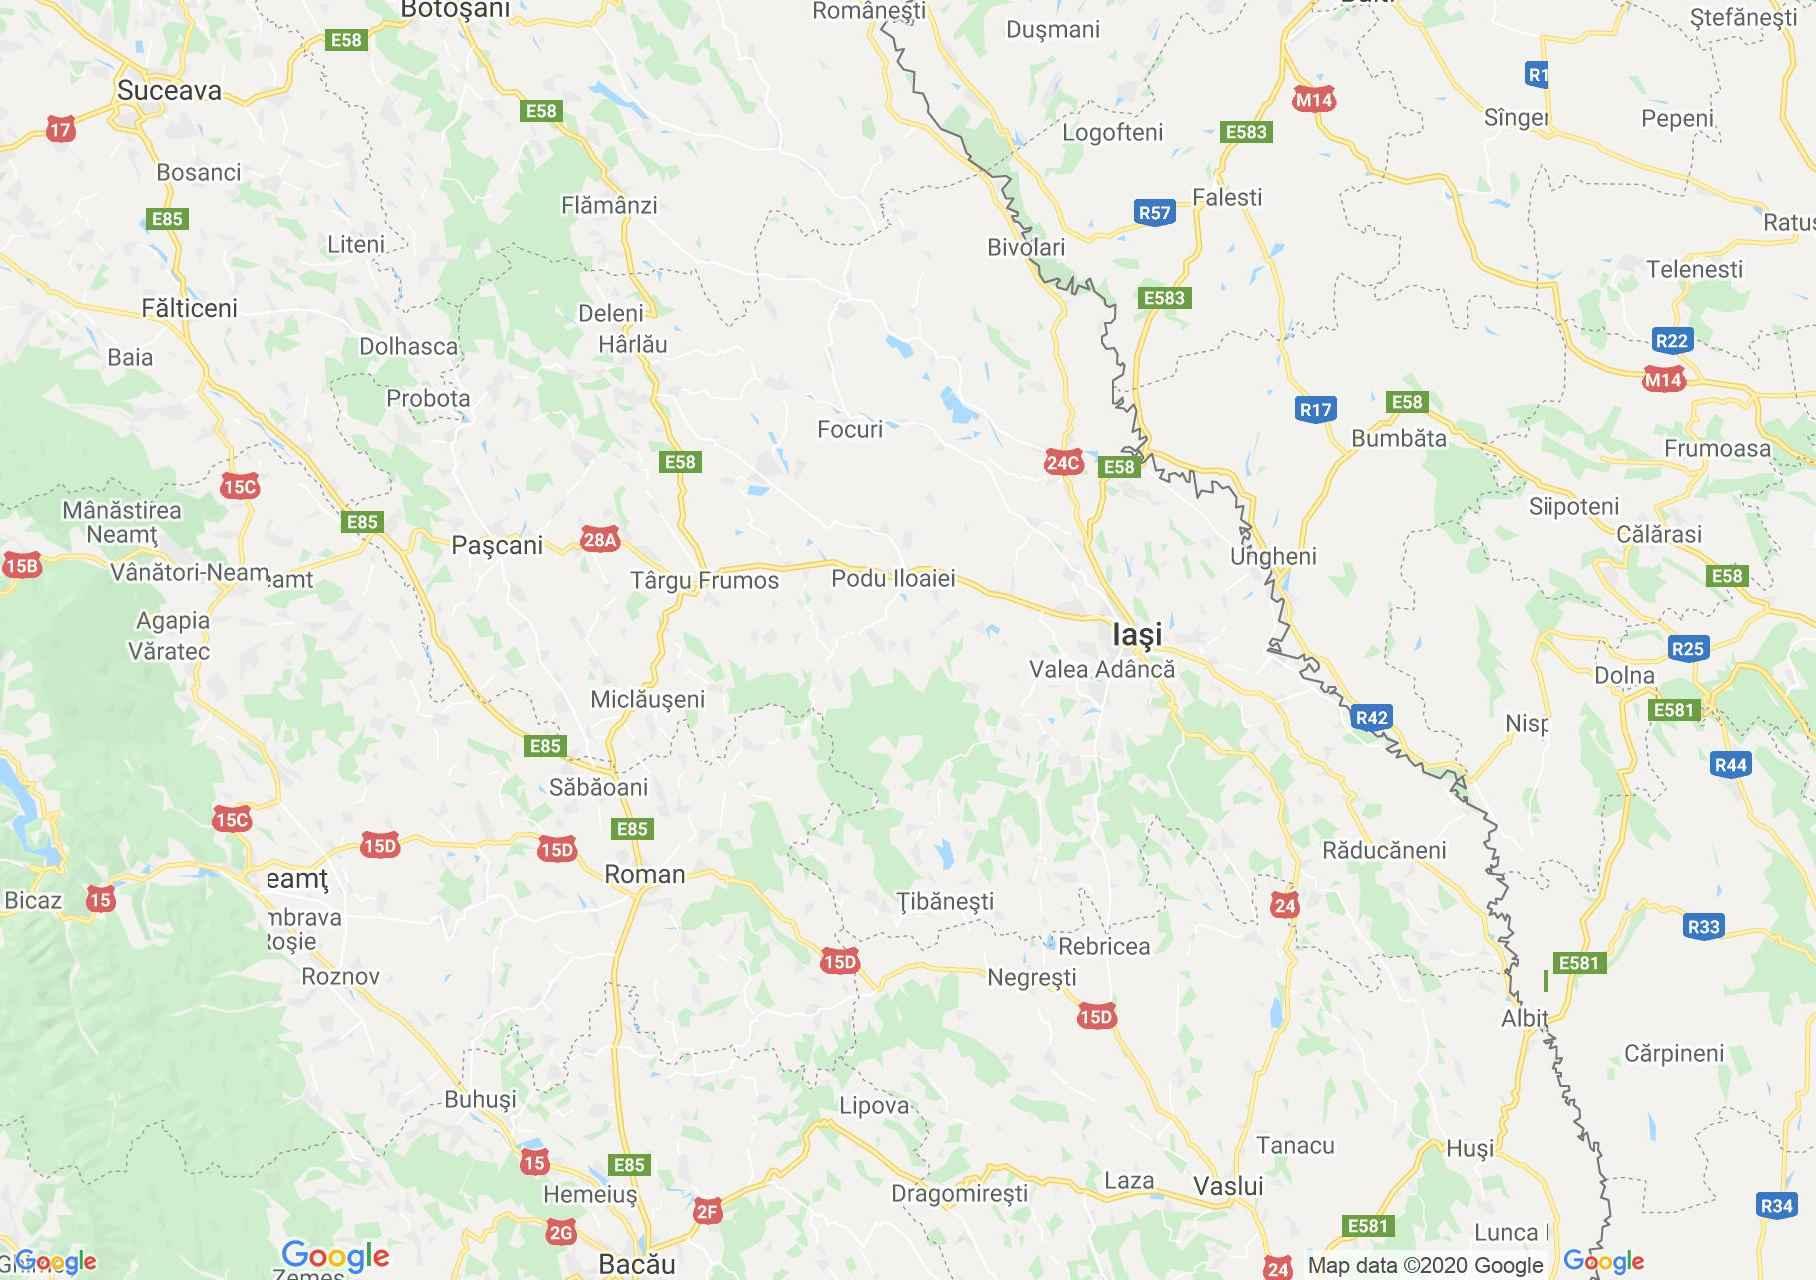 Iasi megye: (Jászvásár) interaktív turista térképe.